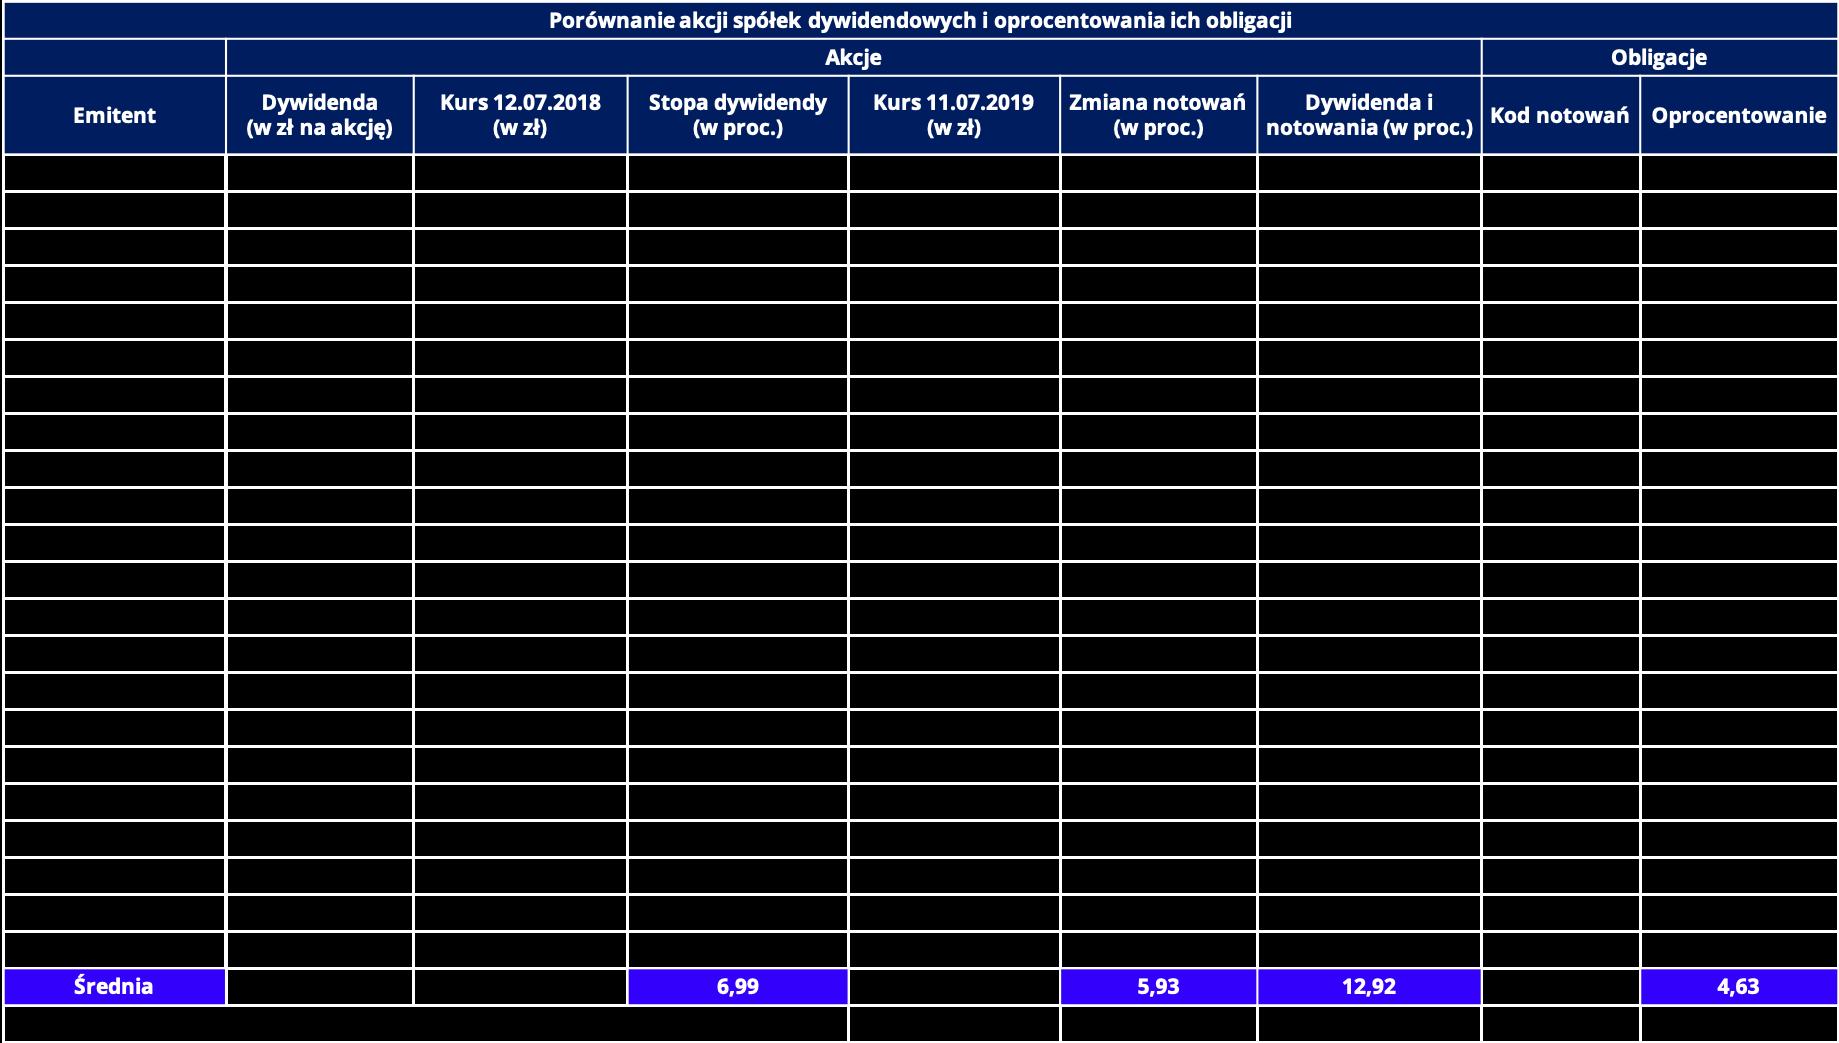 akcje czy obligacje tabela